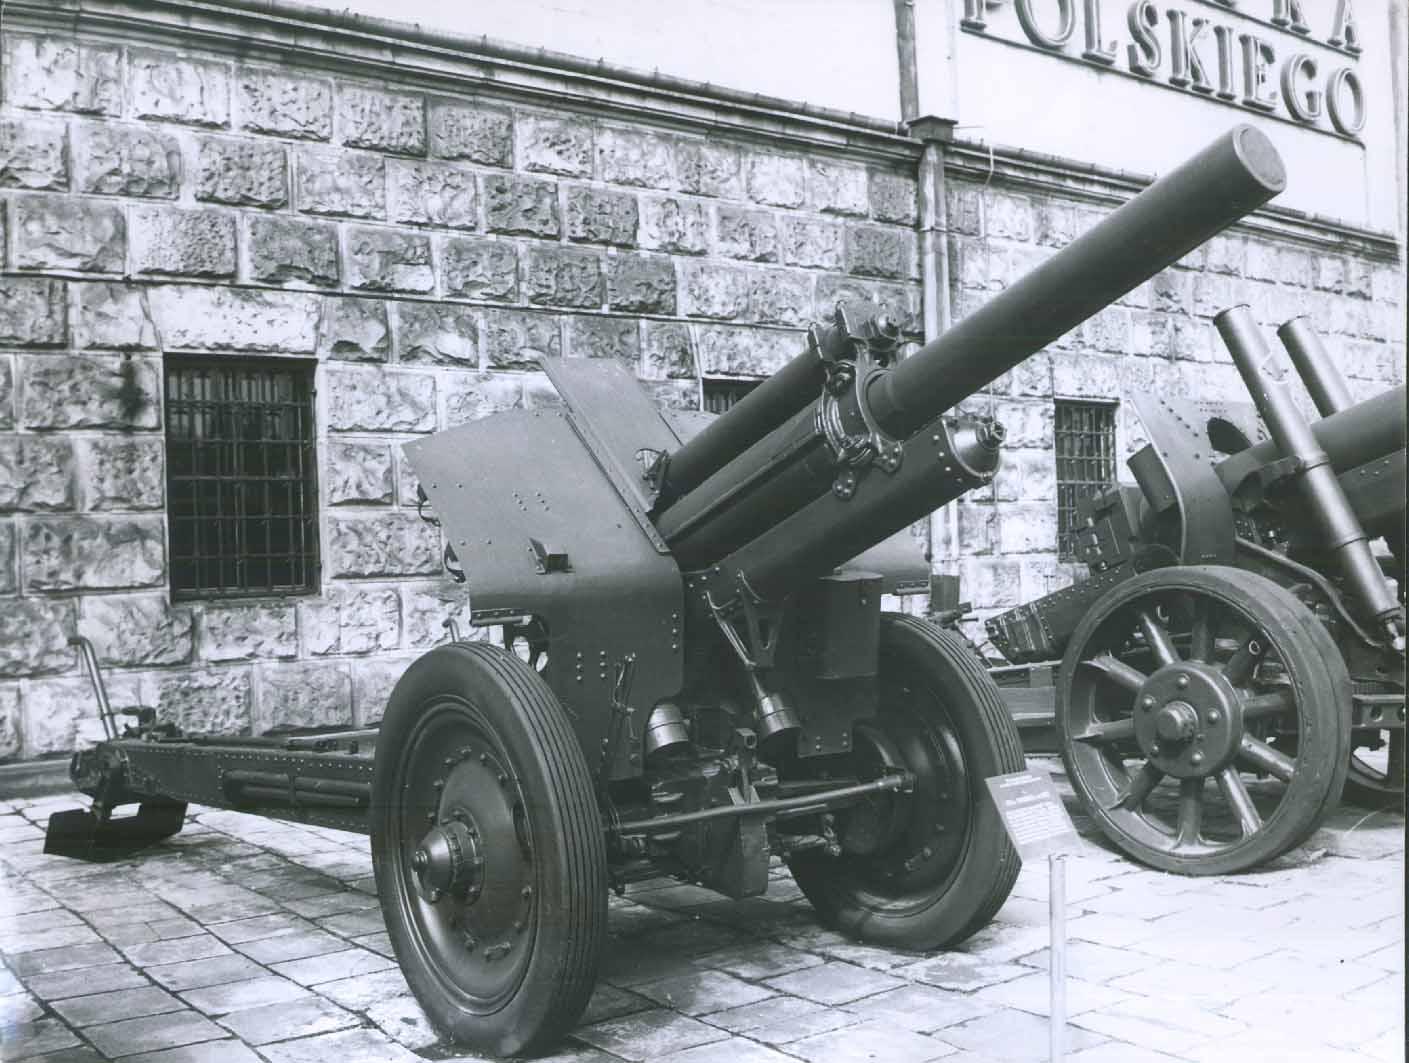 Haubica polowa wz. 1938 (M-30) kal. 122 mm